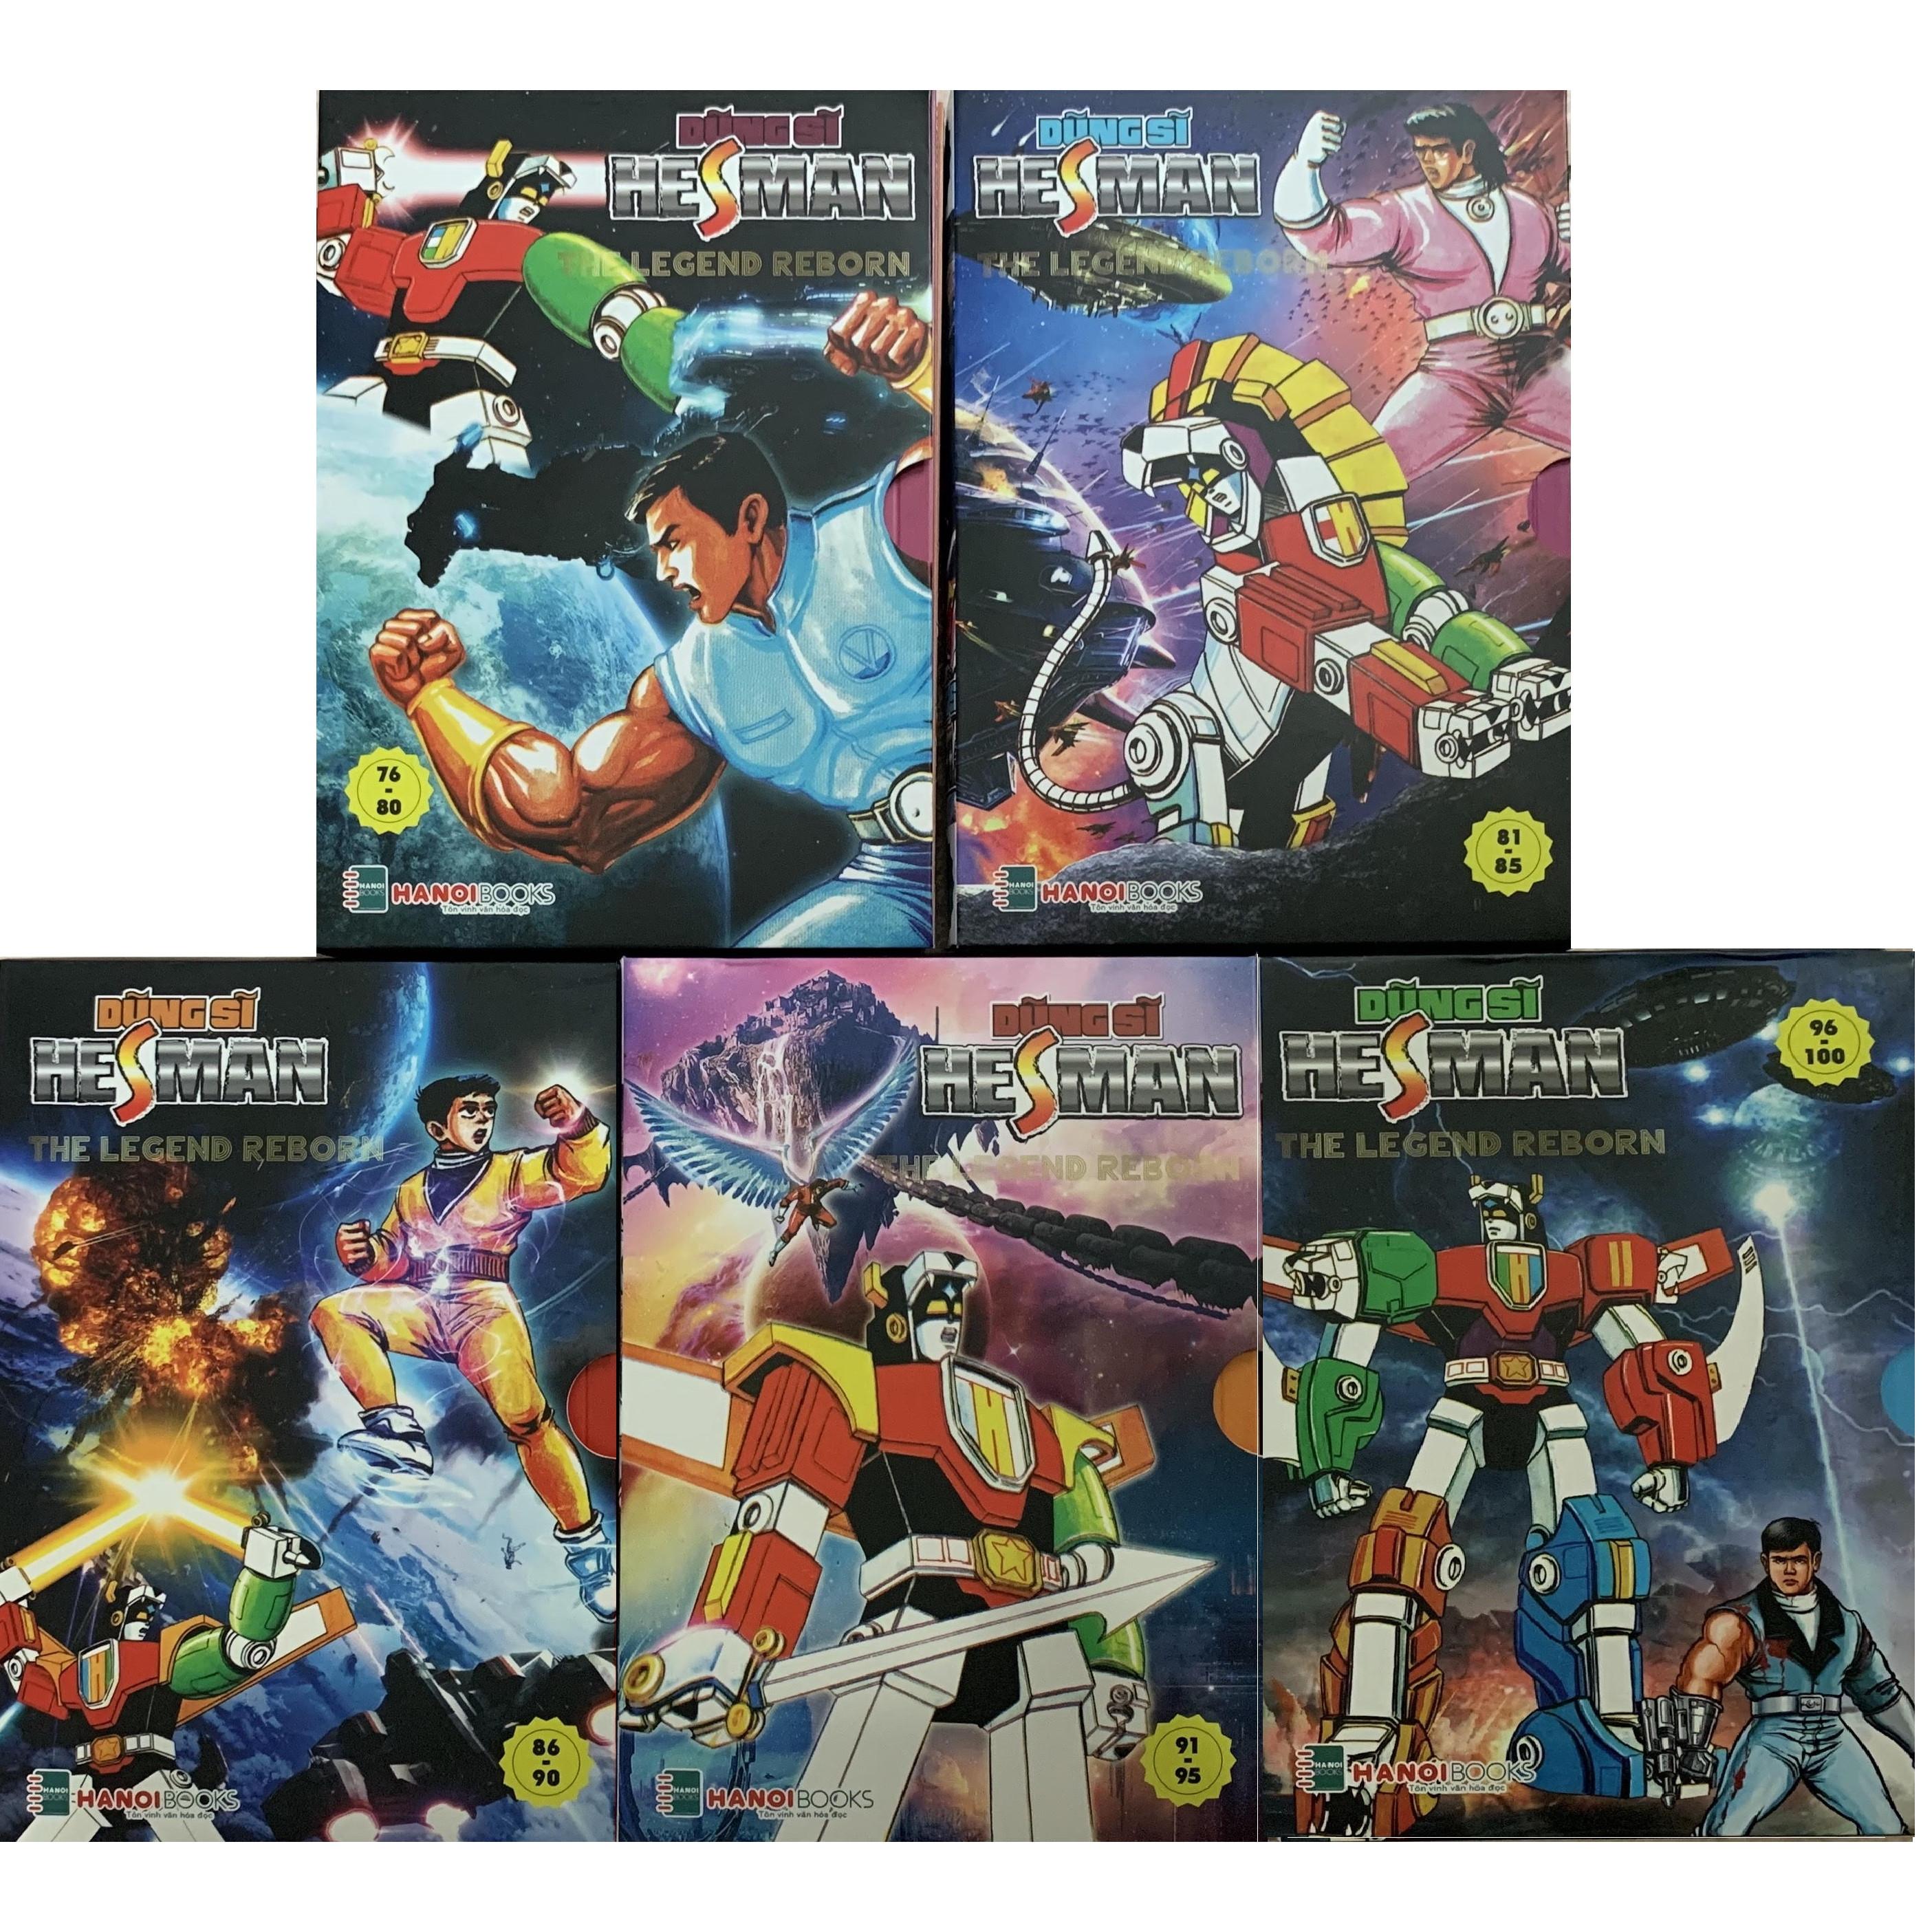 Dũng sĩ Hesman - Combo 5 Box 16,17,18,19,20 (từ tập 76-100)